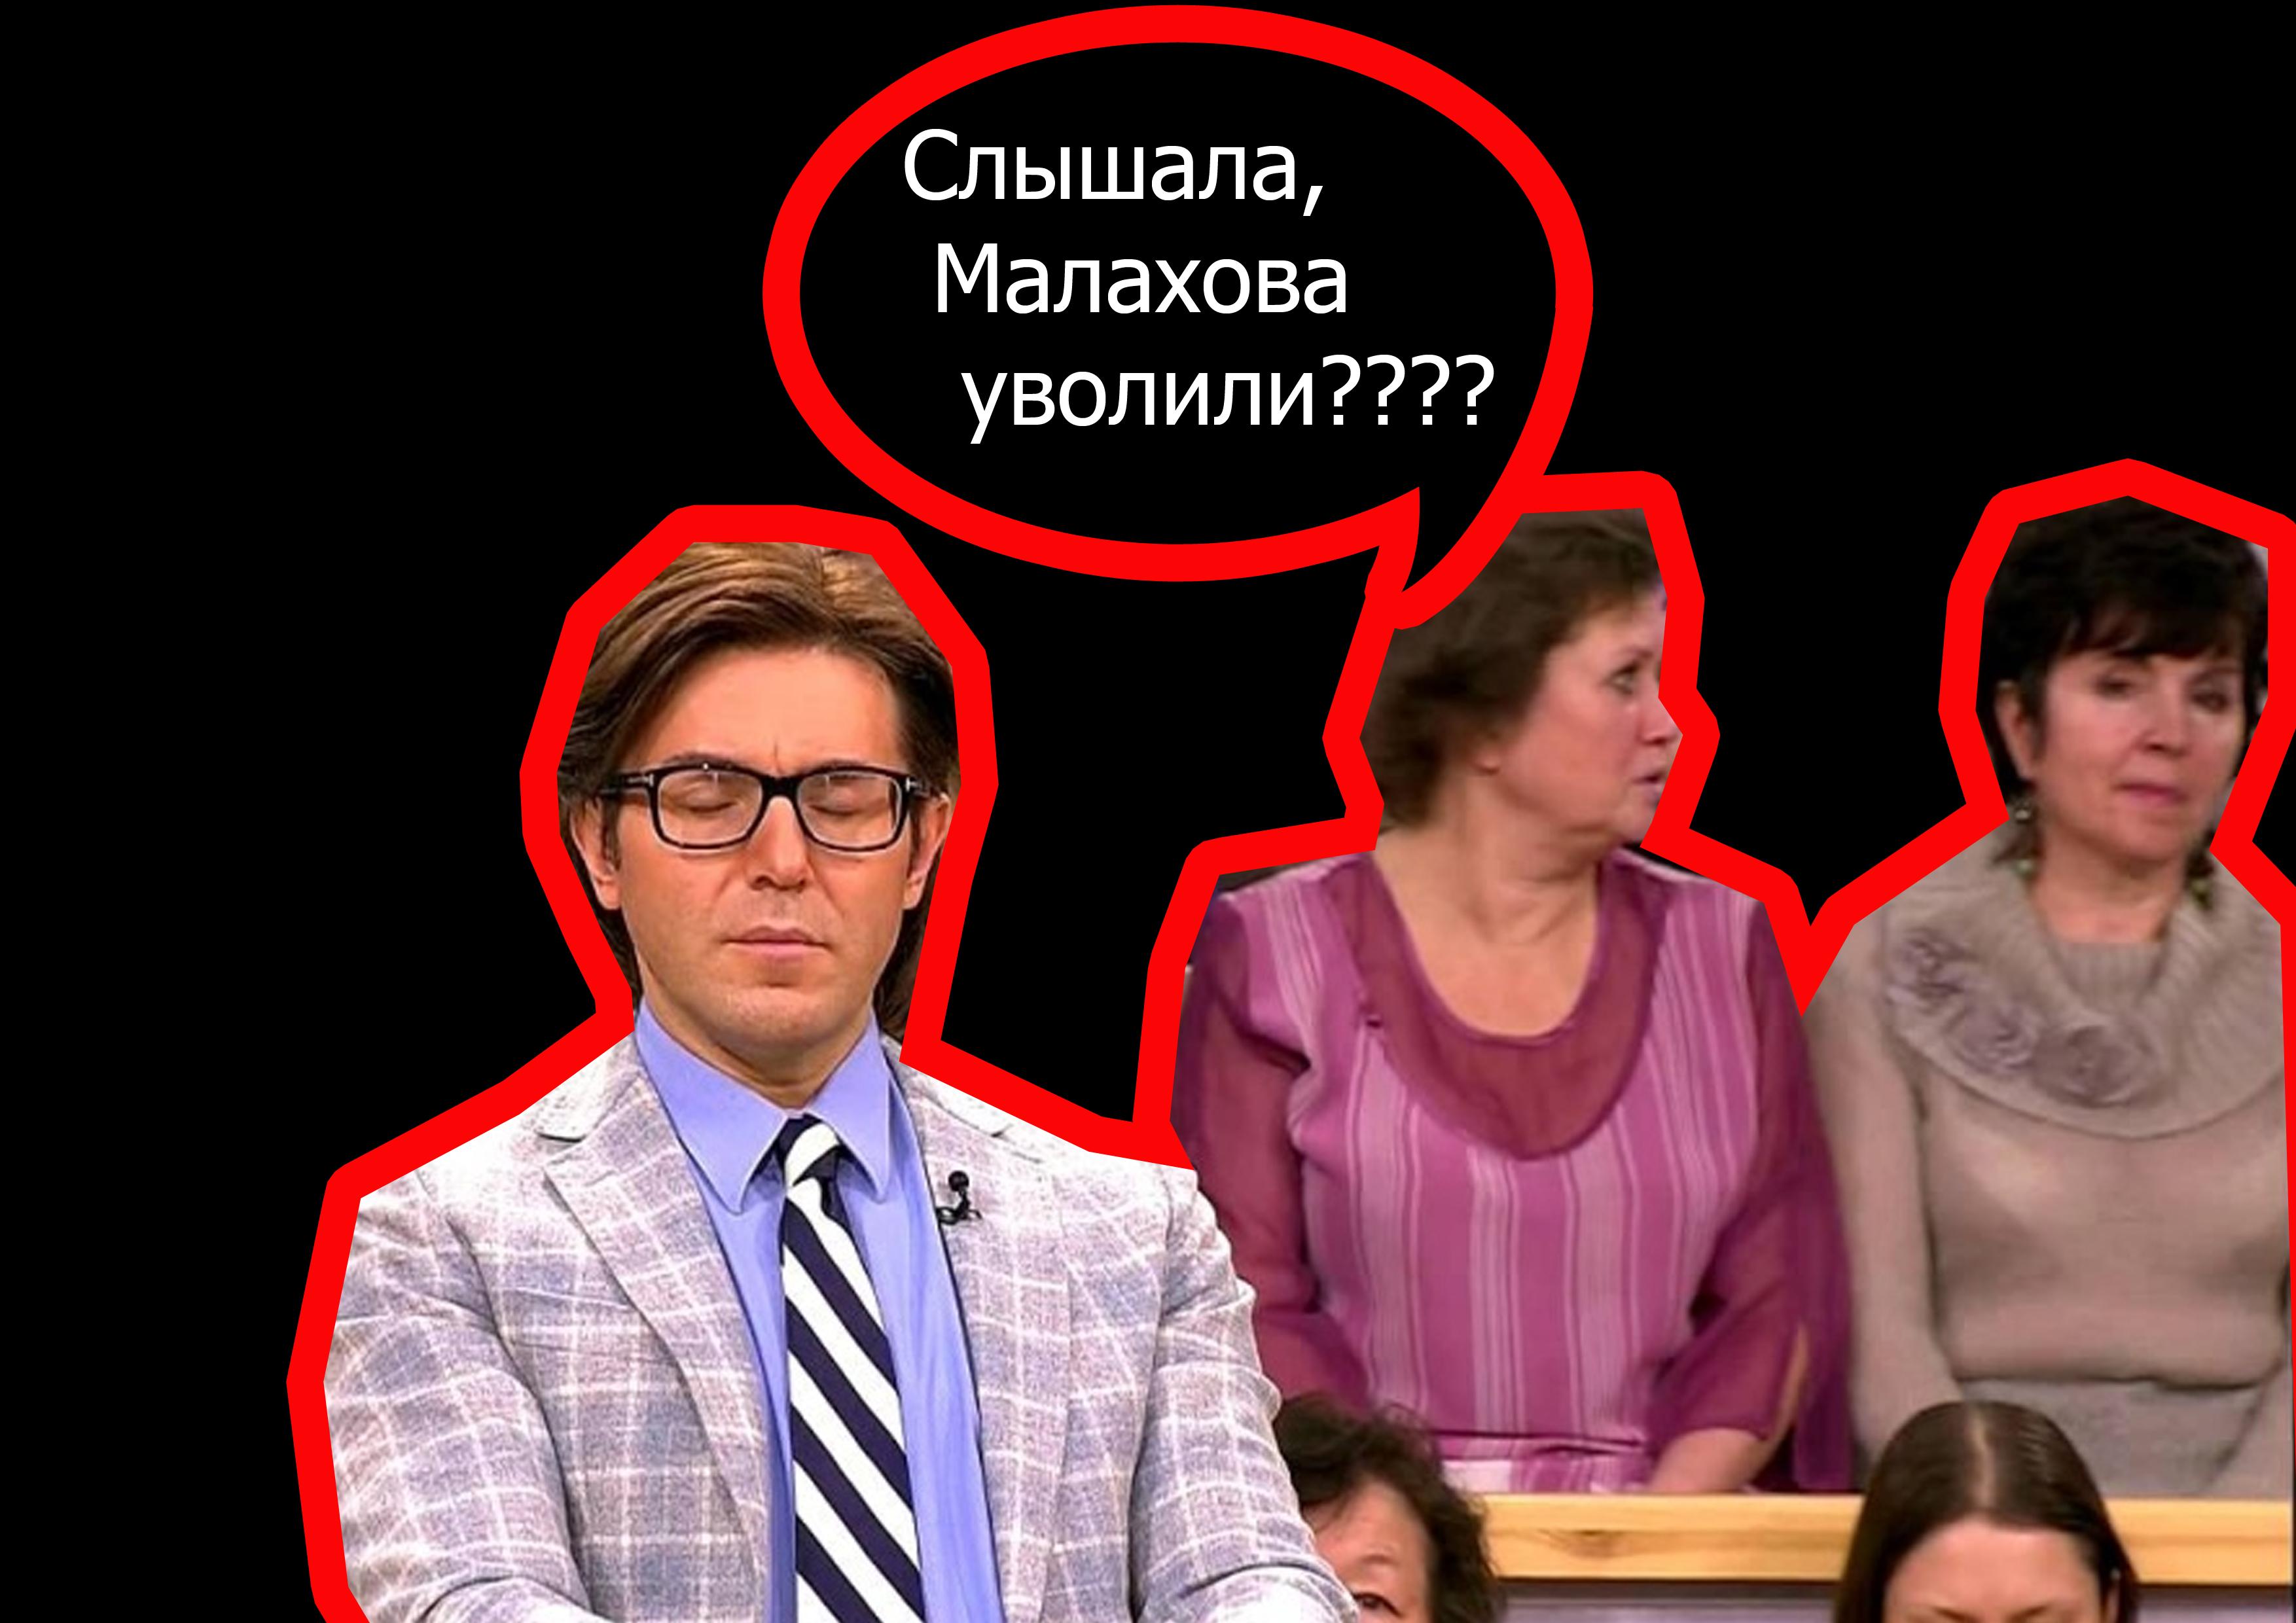 малахова уволили